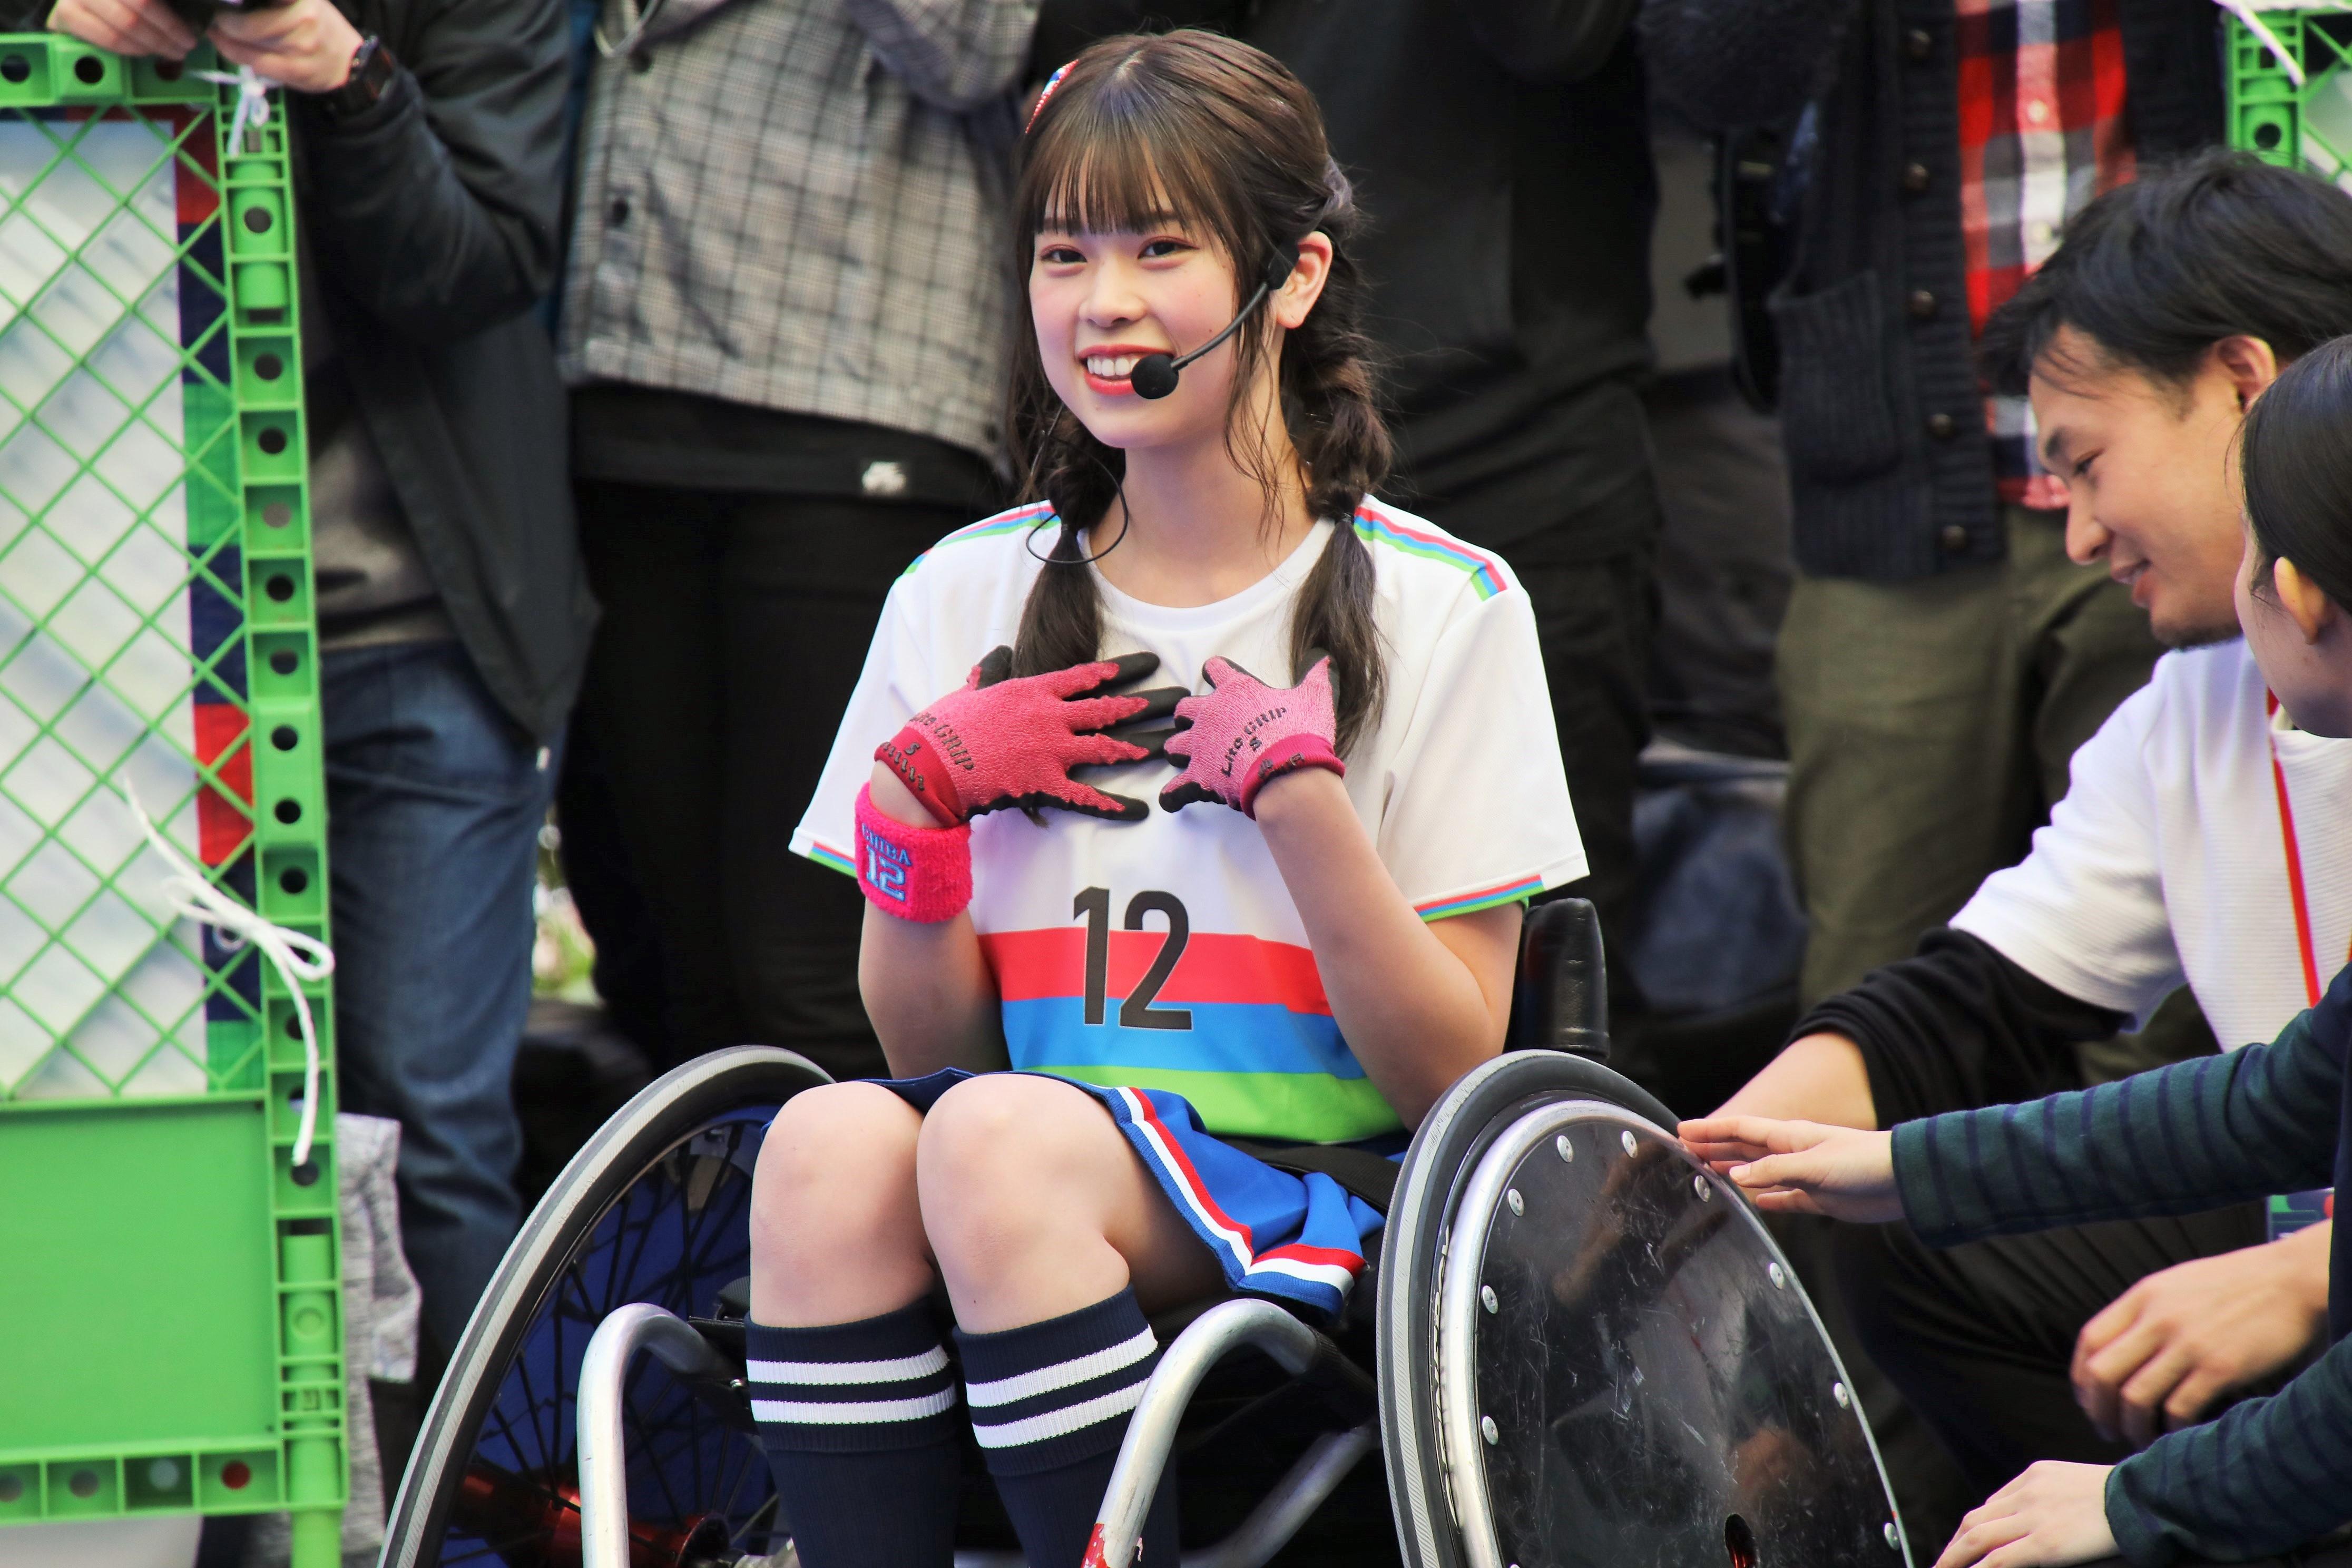 車いすラグビーを体験する吉川七瀬「3Dな感じで迫って来た!まだドキドキしています、身長が・・あ!心臓が!凄い迫力があります!」